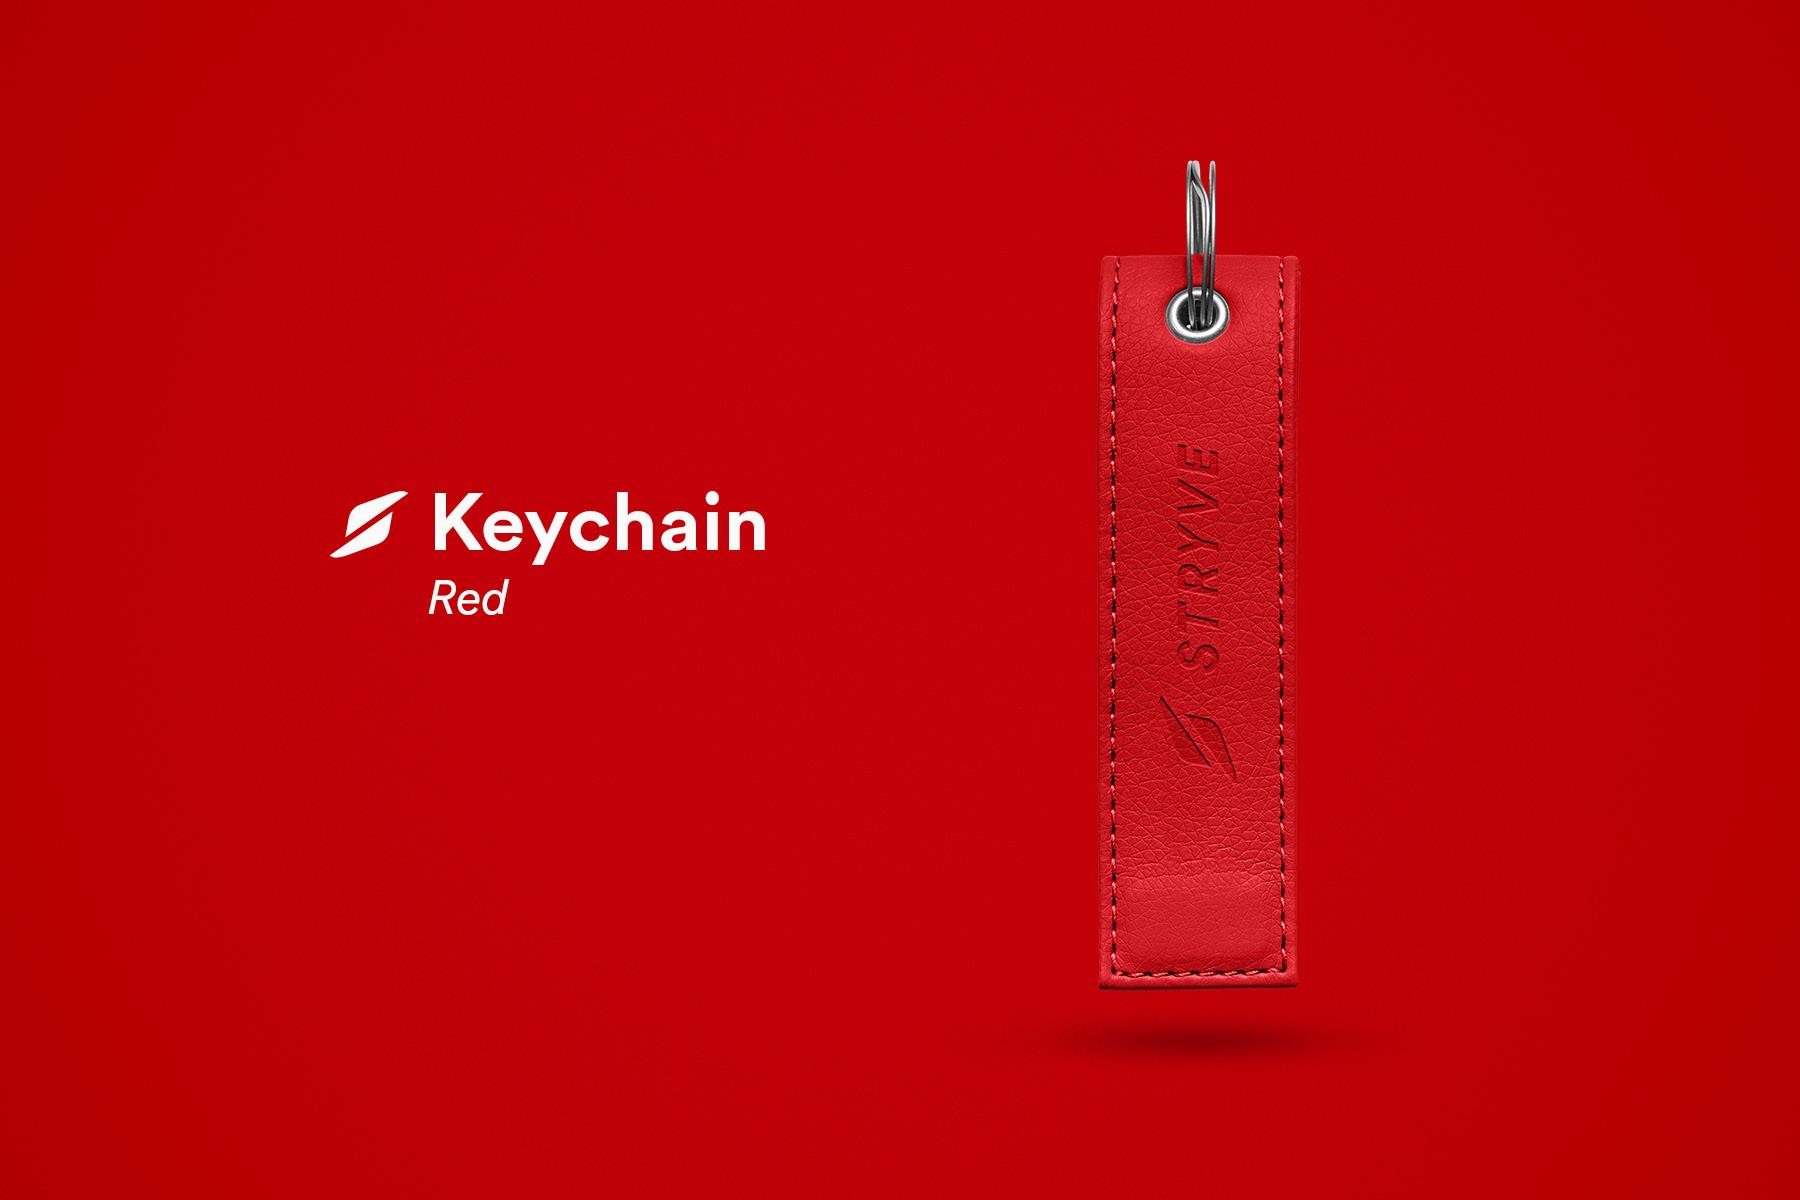 stryve-keyvhain-brand-agency-werbung-agentur